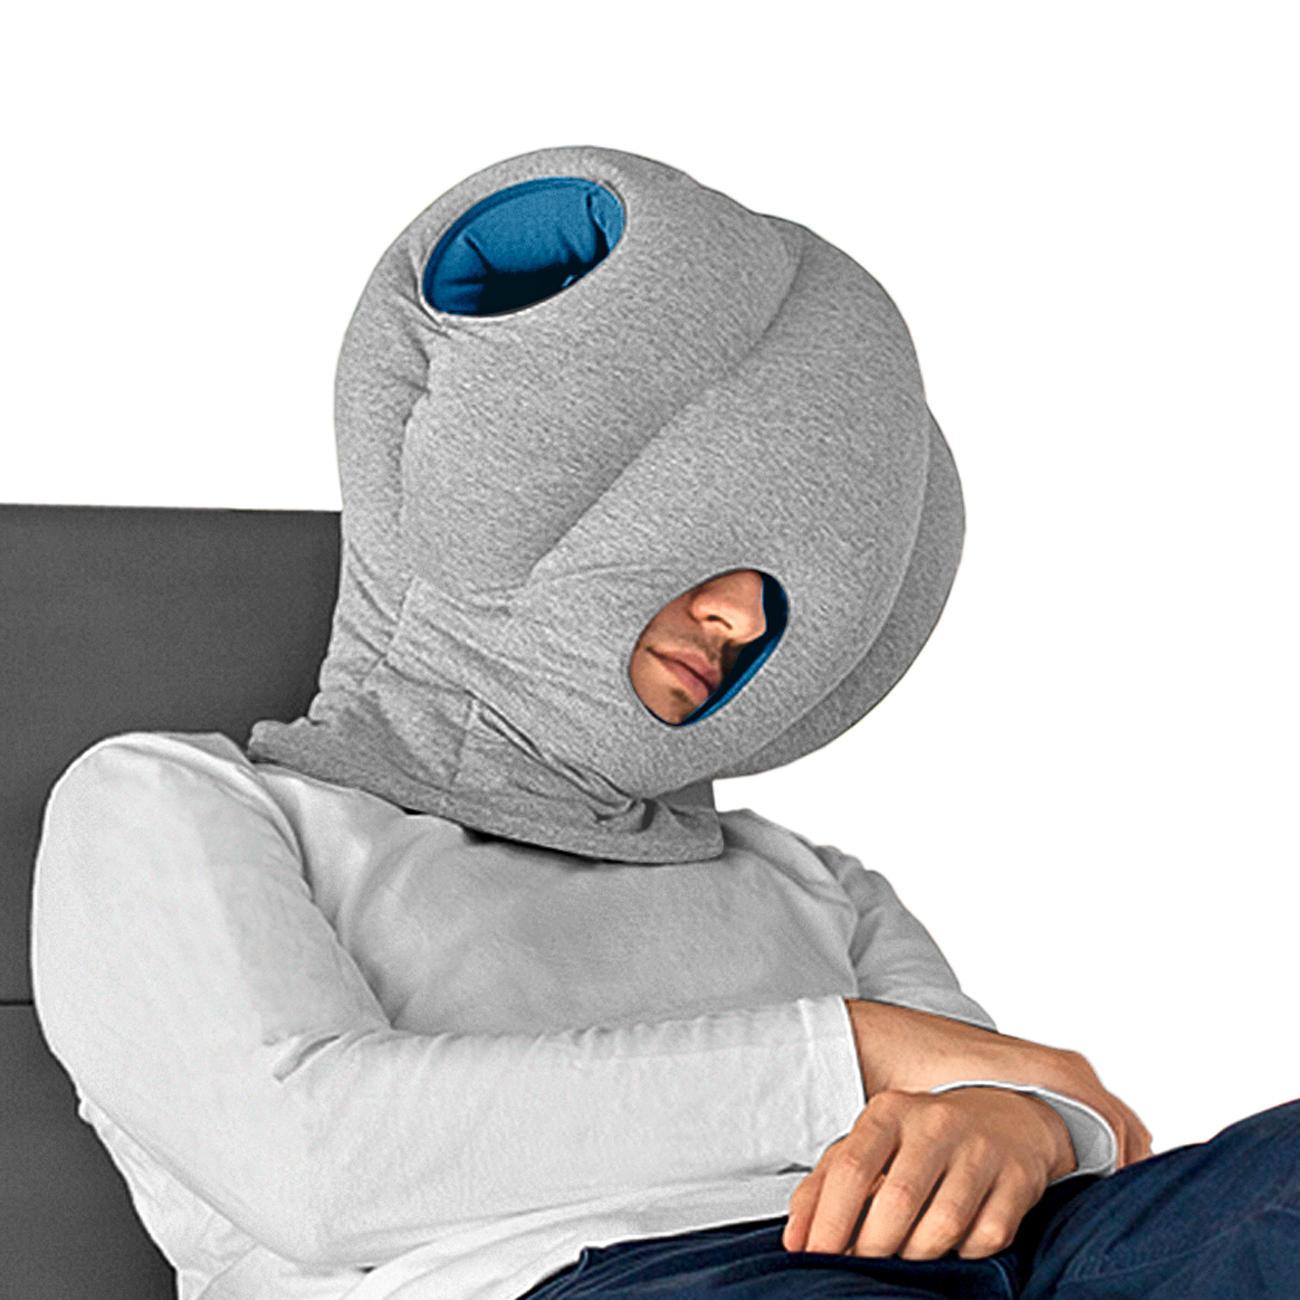 Buy Ostrich Pillow